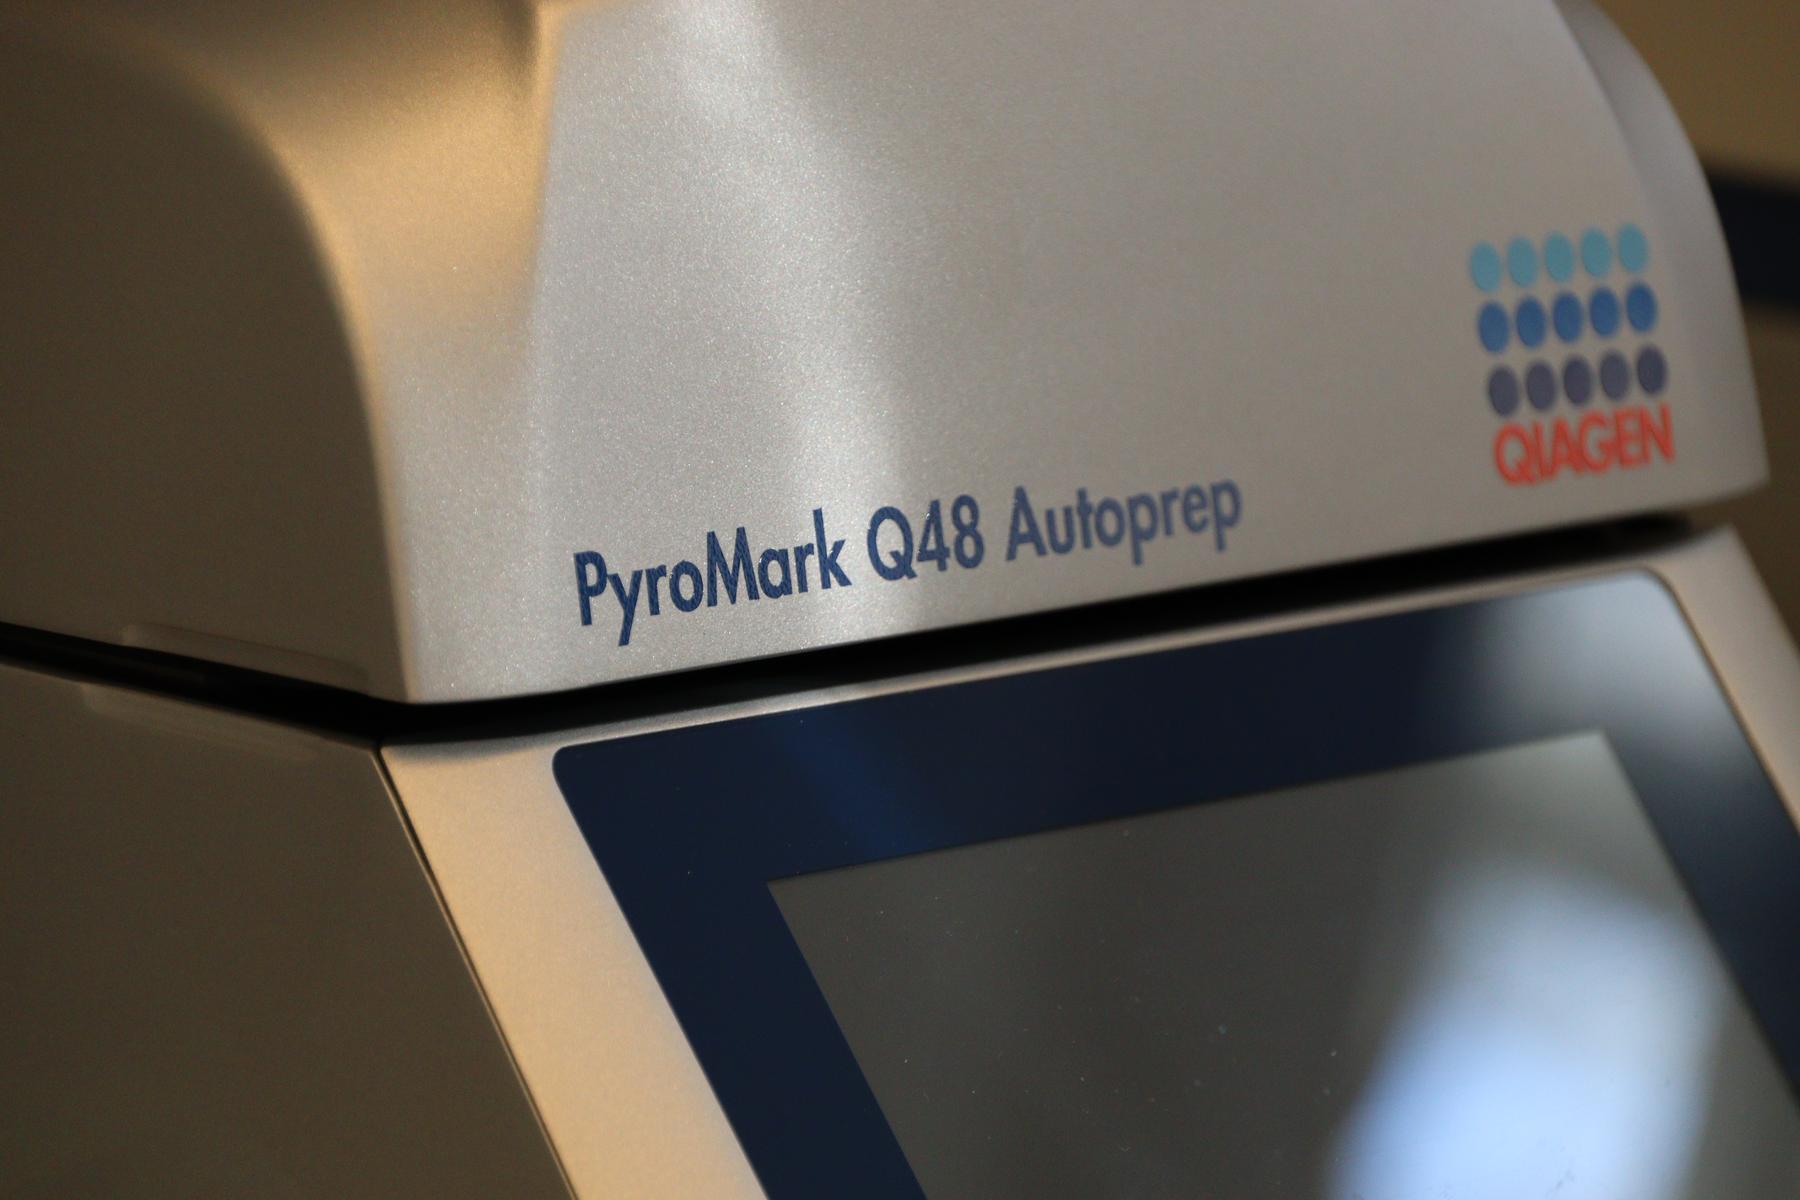 Pyromark Q48 Autoprep